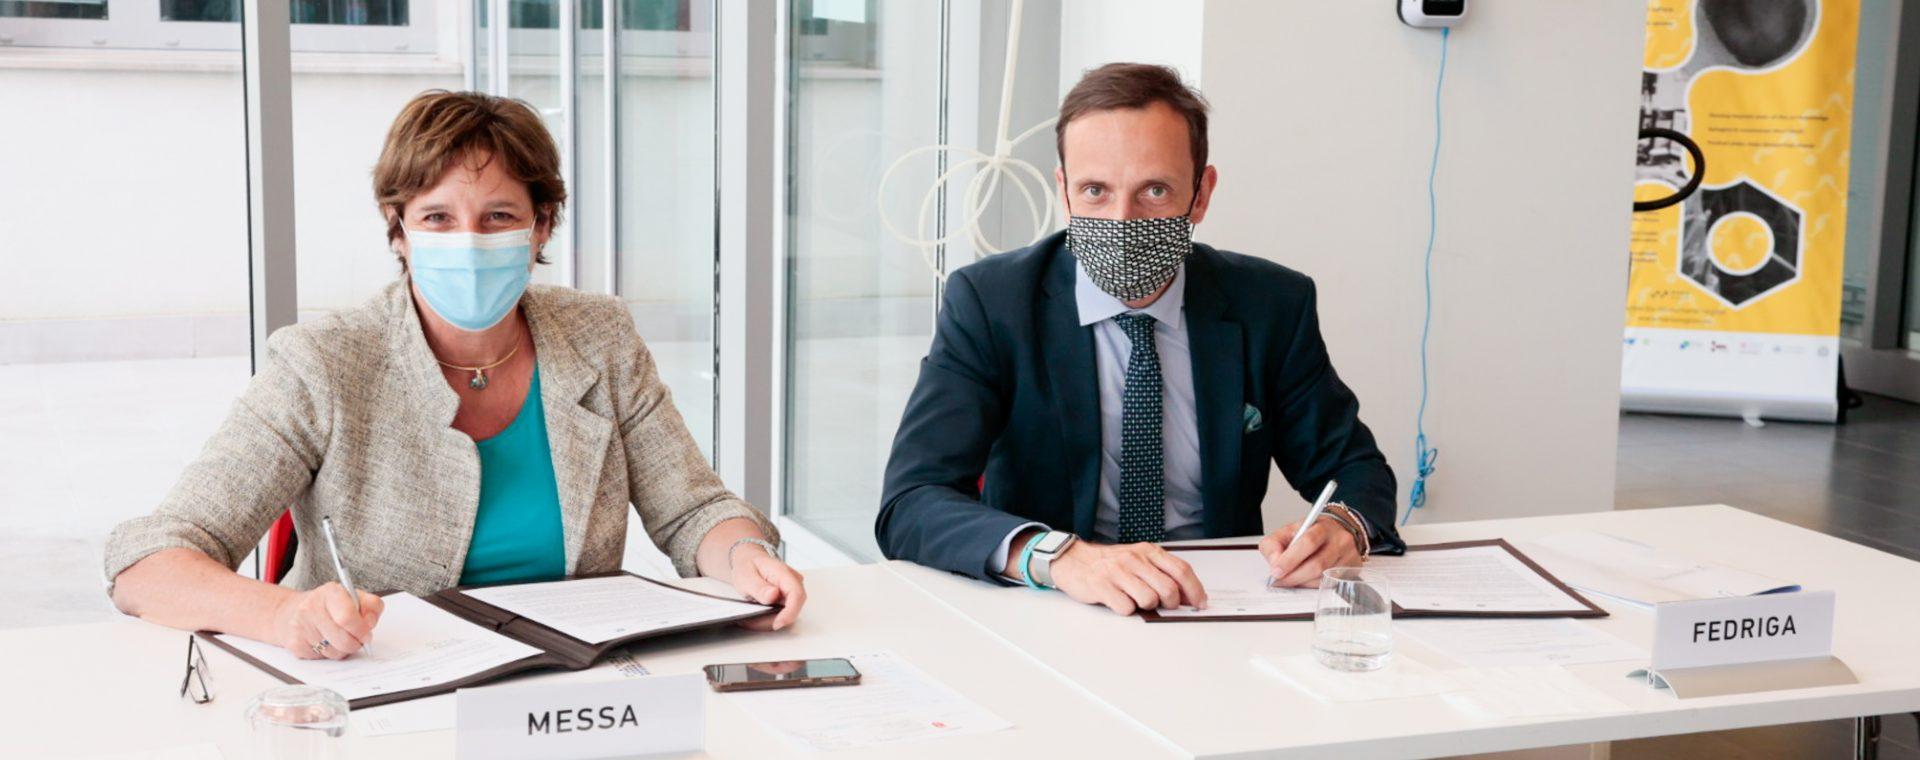 MUR, Regione Autonoma Friuli Venezia Giulia e MISE rinnovano il Protocollo del Sistema ARGO fino al 2023